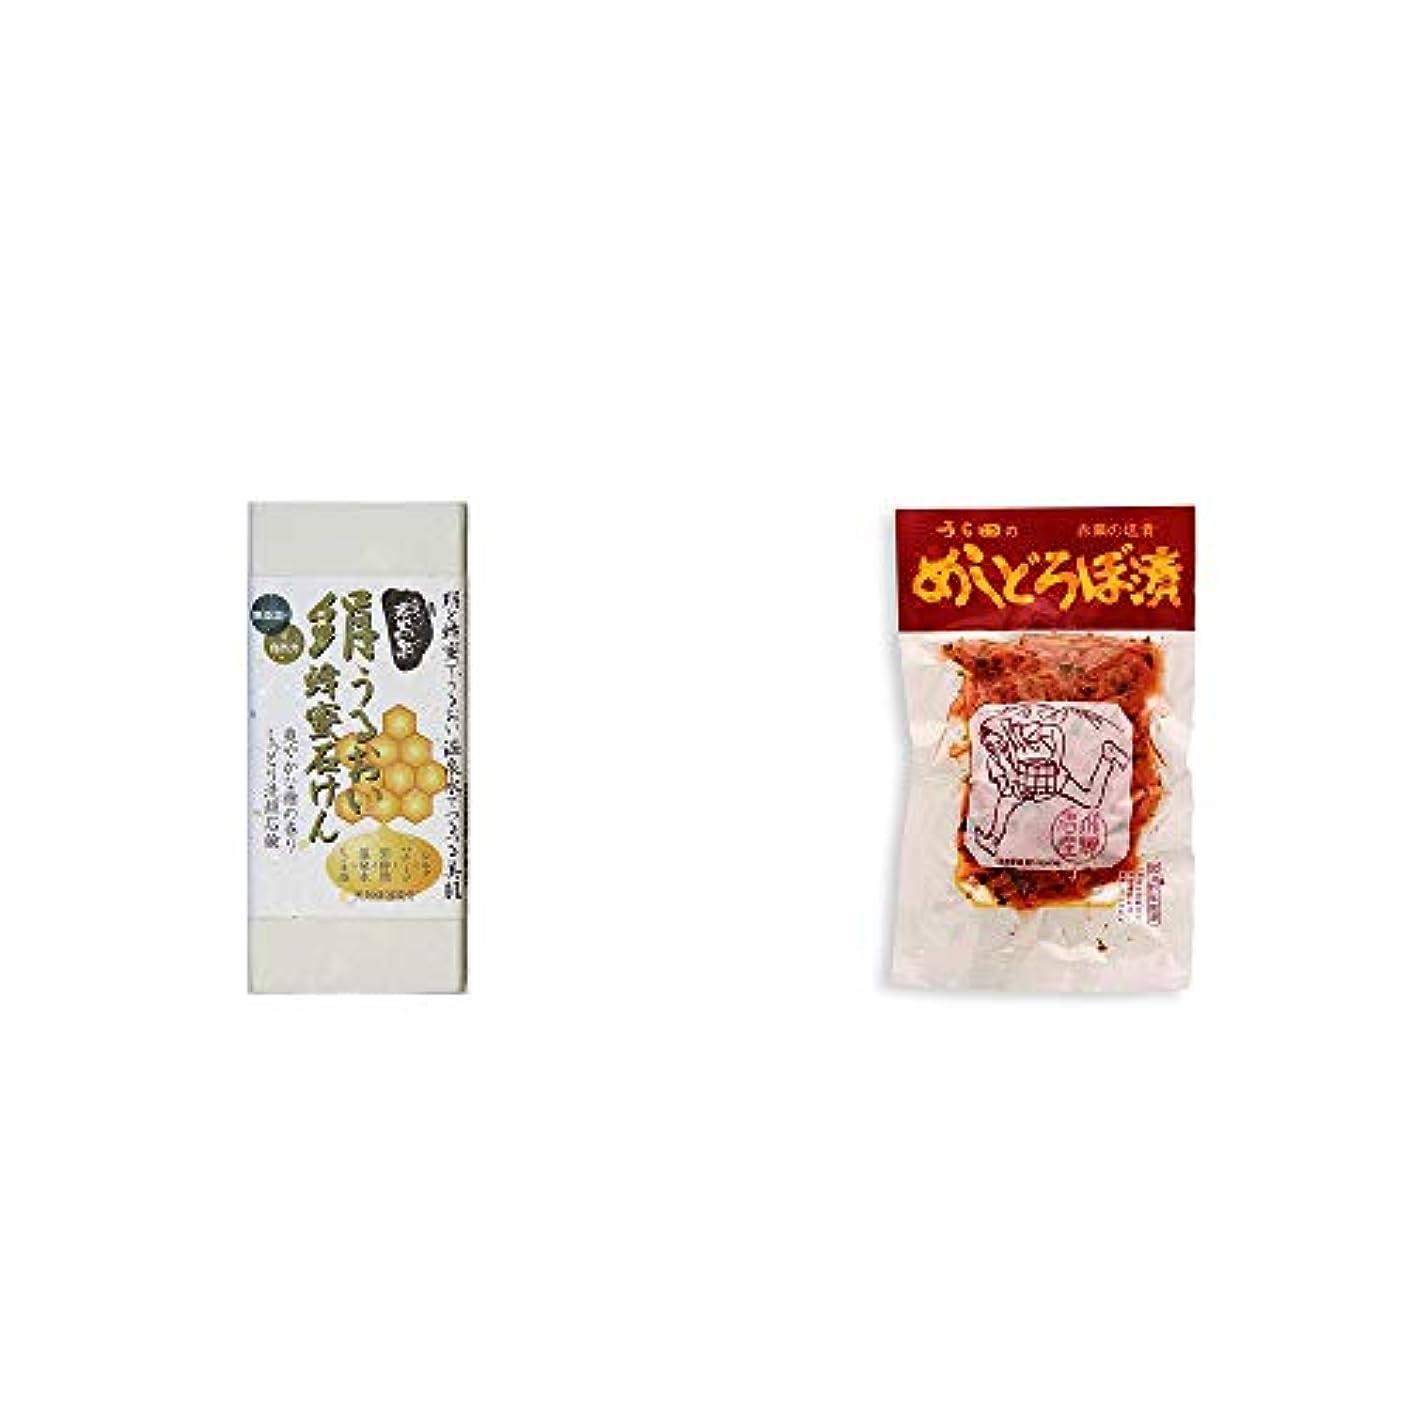 楽観光沢のある自治的[2点セット] ひのき炭黒泉 絹うるおい蜂蜜石けん(75g×2)?うら田 めしどろぼ漬(180g)